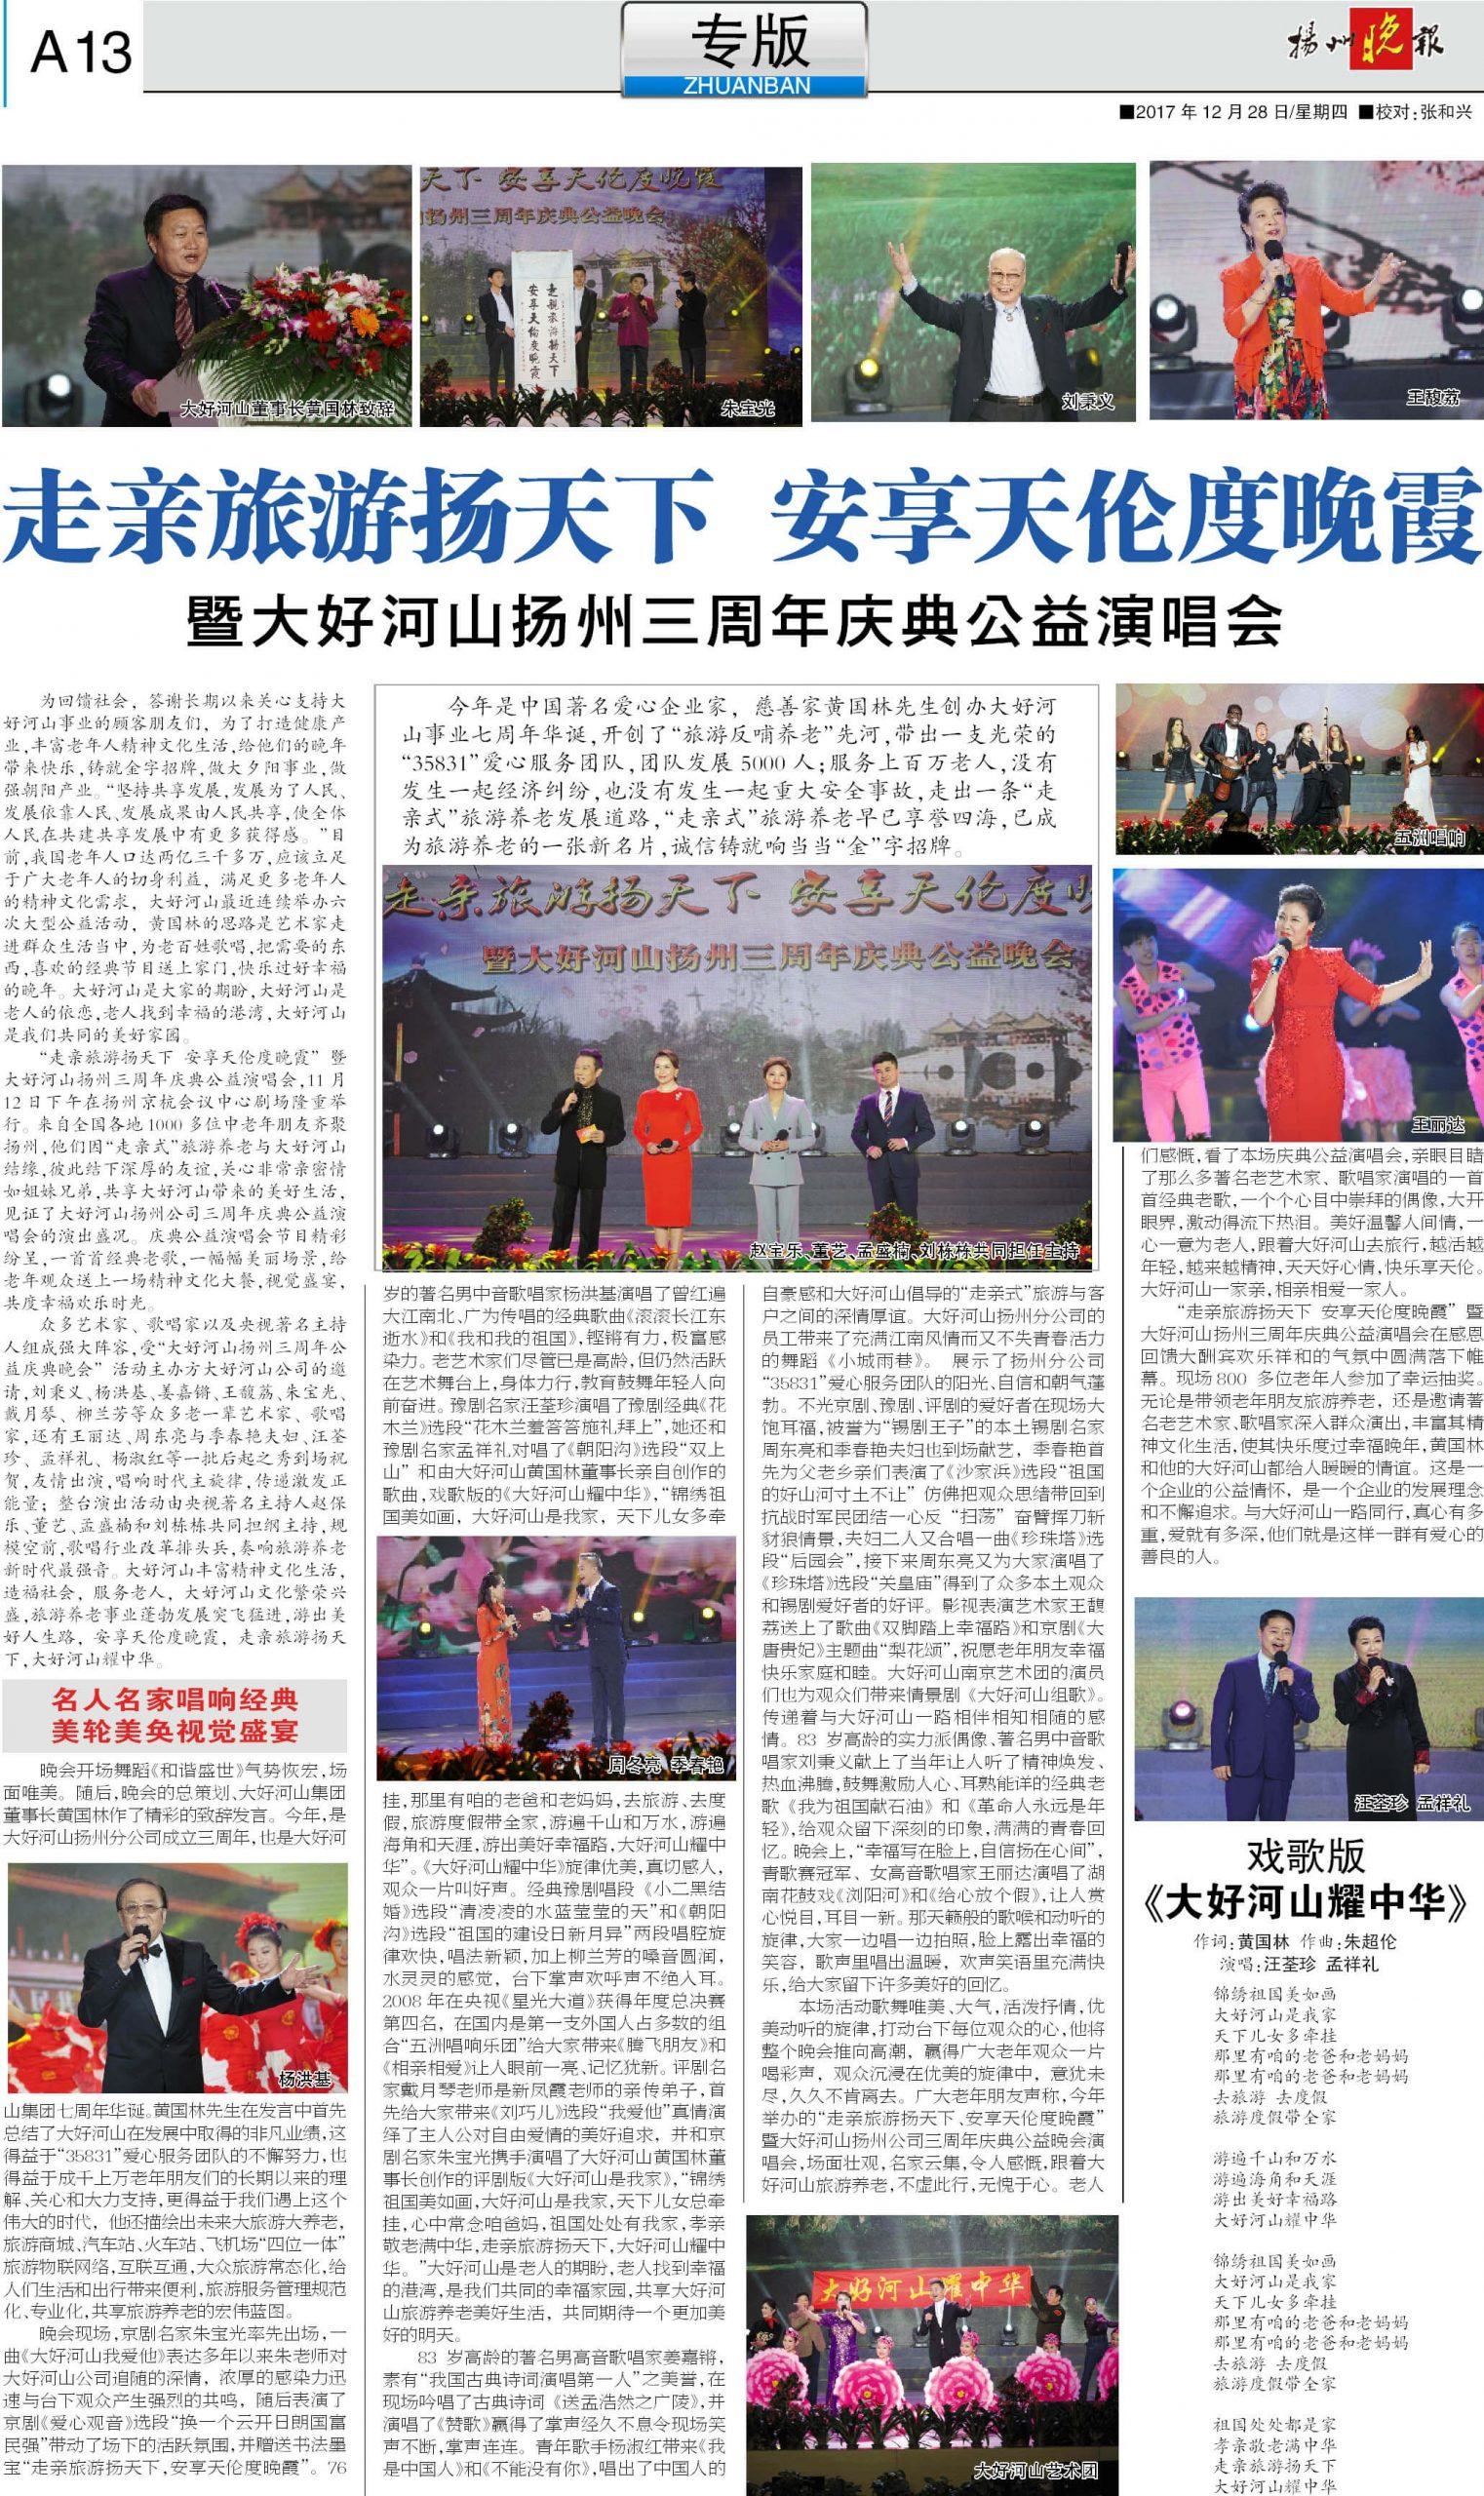 扬州晚报 2017-12-28 A13